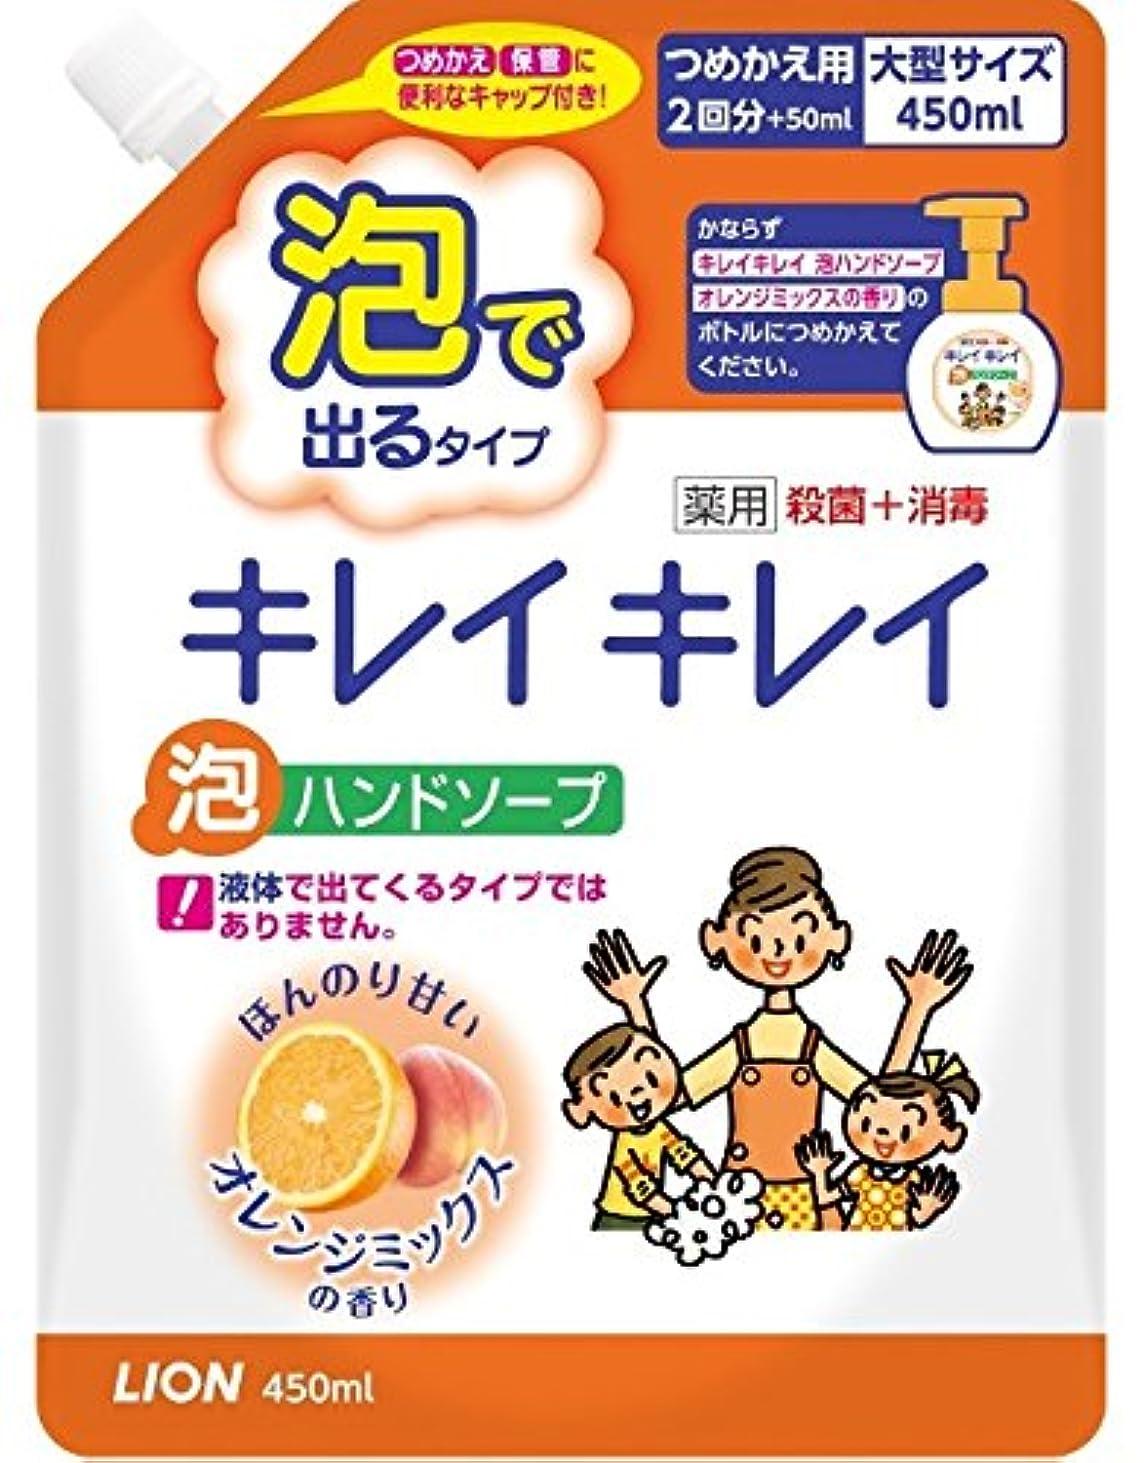 悪の事実上南アメリカキレイキレイ薬用泡ハンドソープオレンジミックスの香りつめかえ用大型サイズ450mL